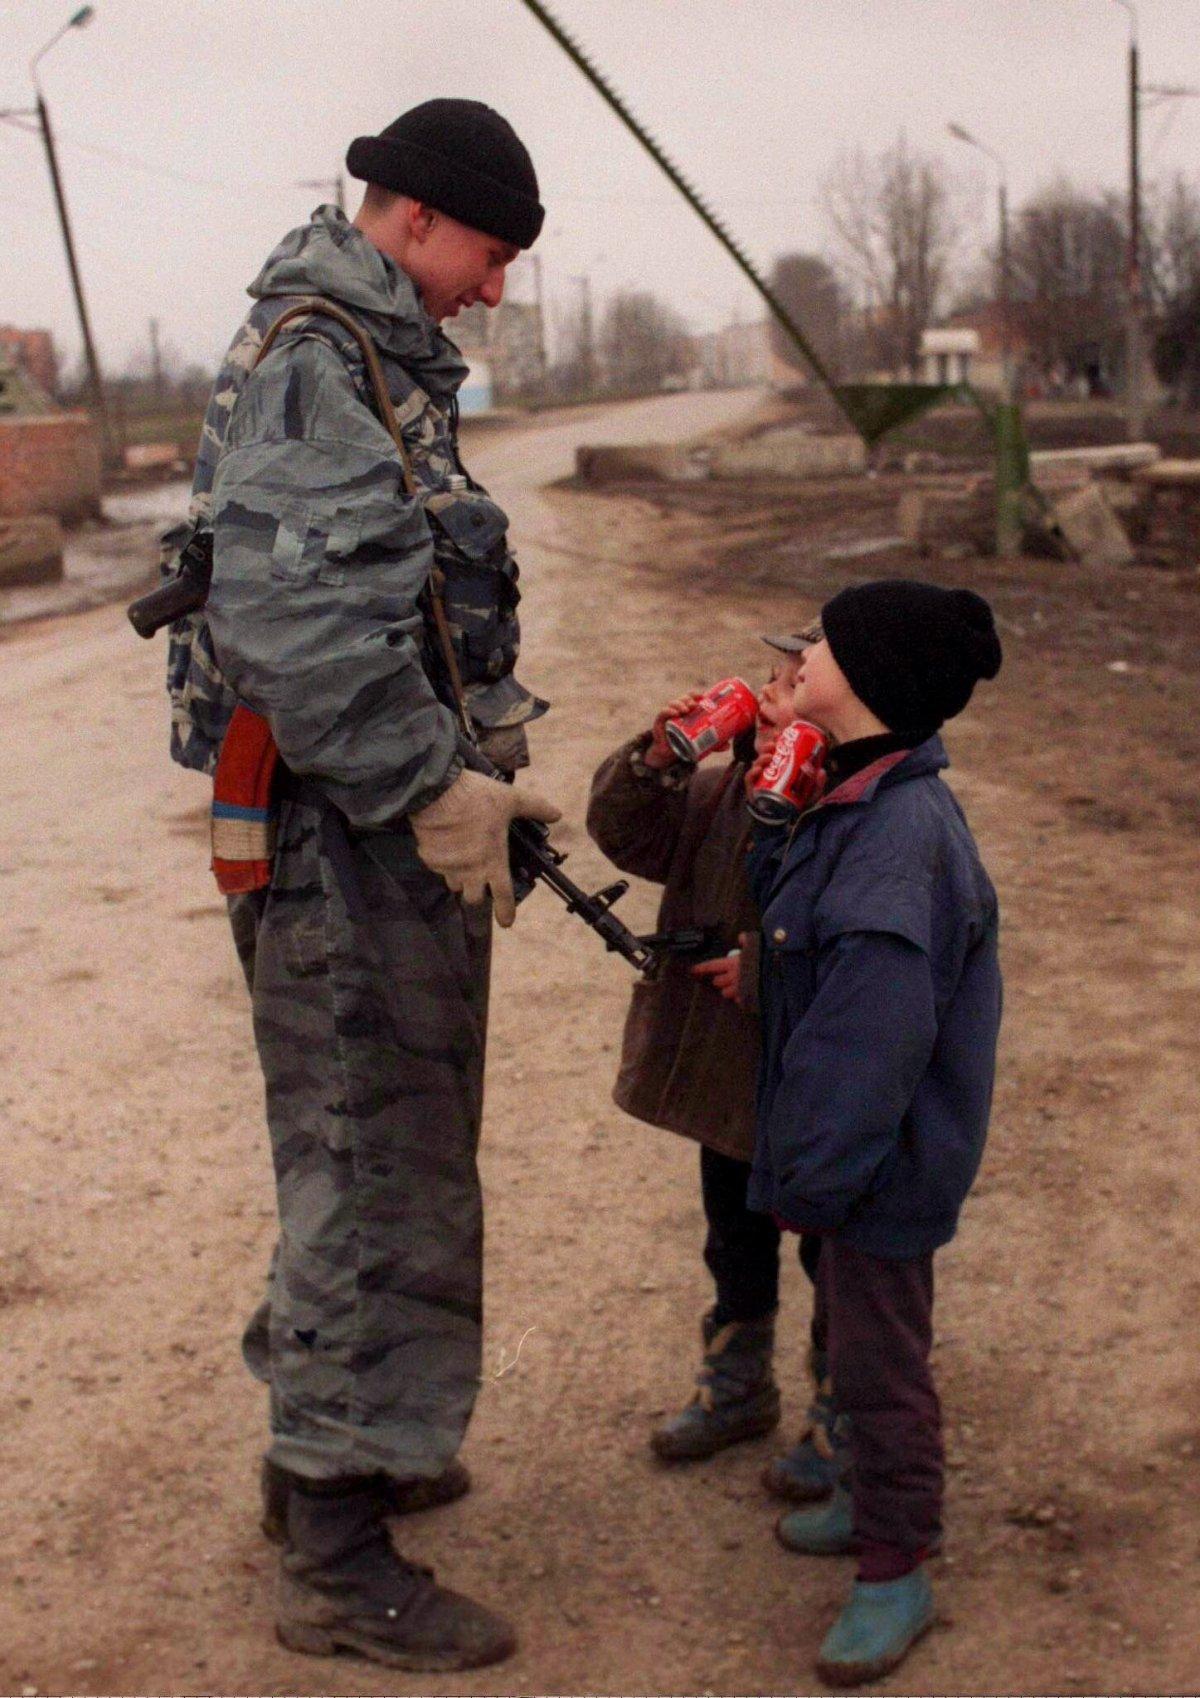 Reuters / Un soldato russo parla a dei bambini ceceni mentre bevono una Coca-Cola al check point vicino alla città di Grozny, marzo 1996